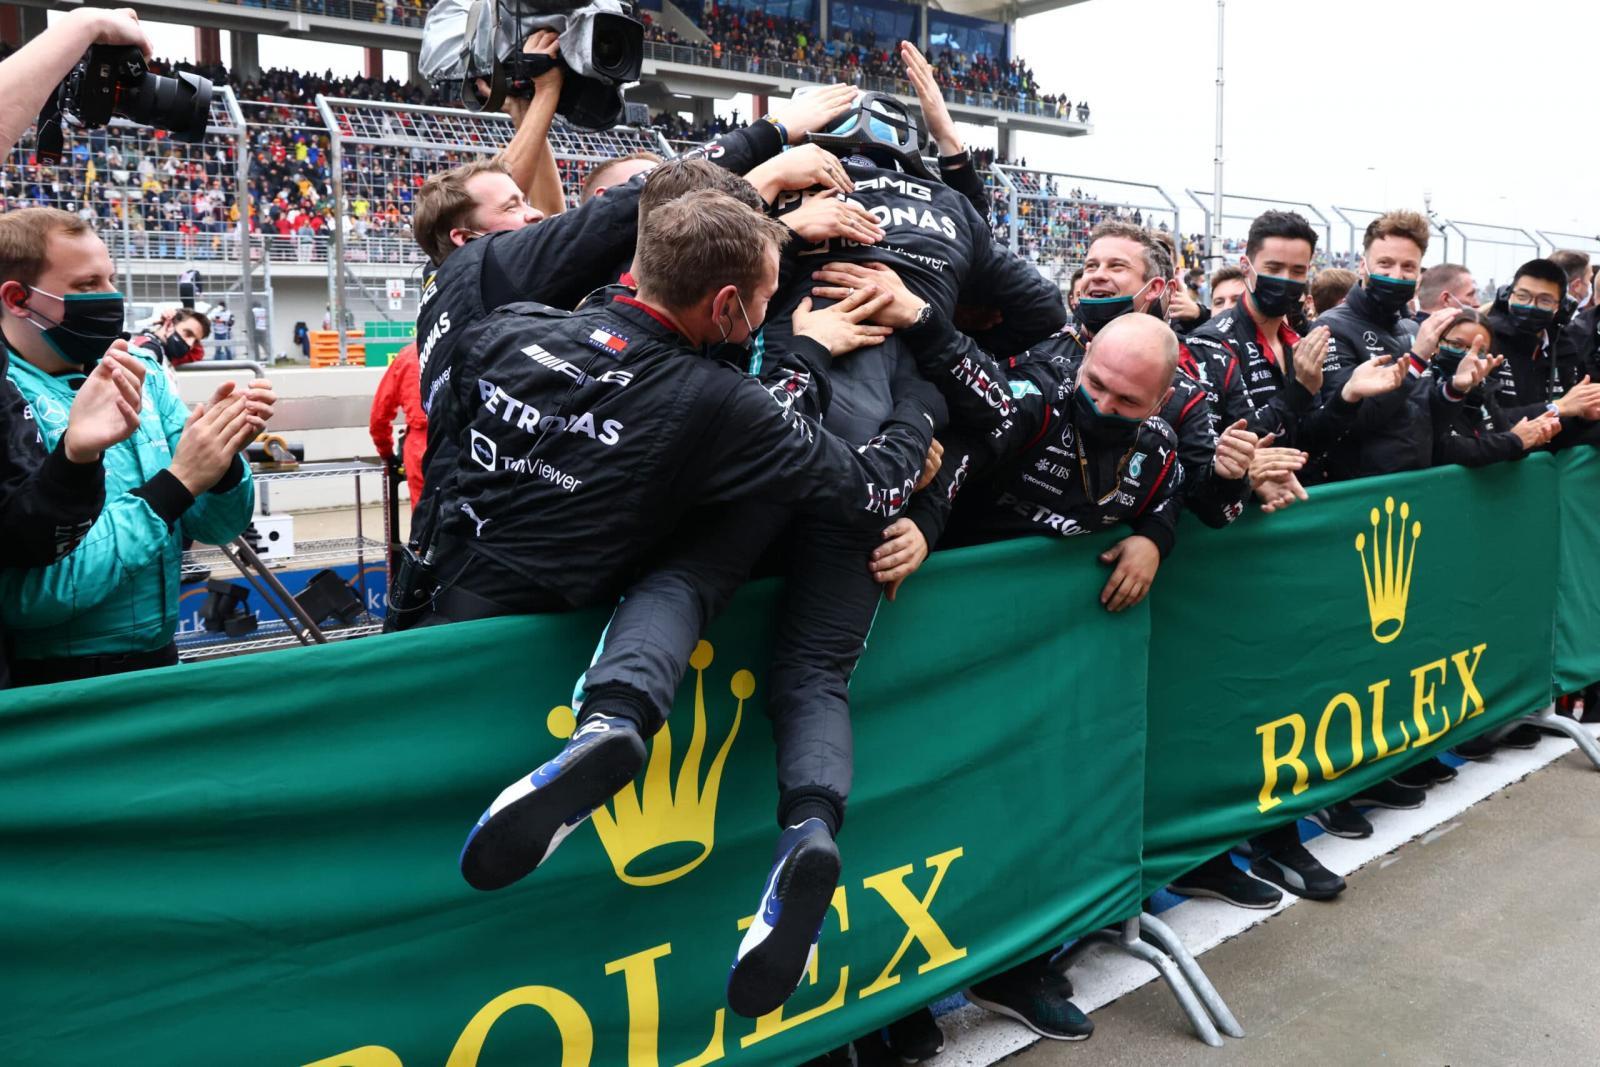 Bottas vence na Turquia, Verstappen fica em 2º e retoma liderança na Fórmula 1